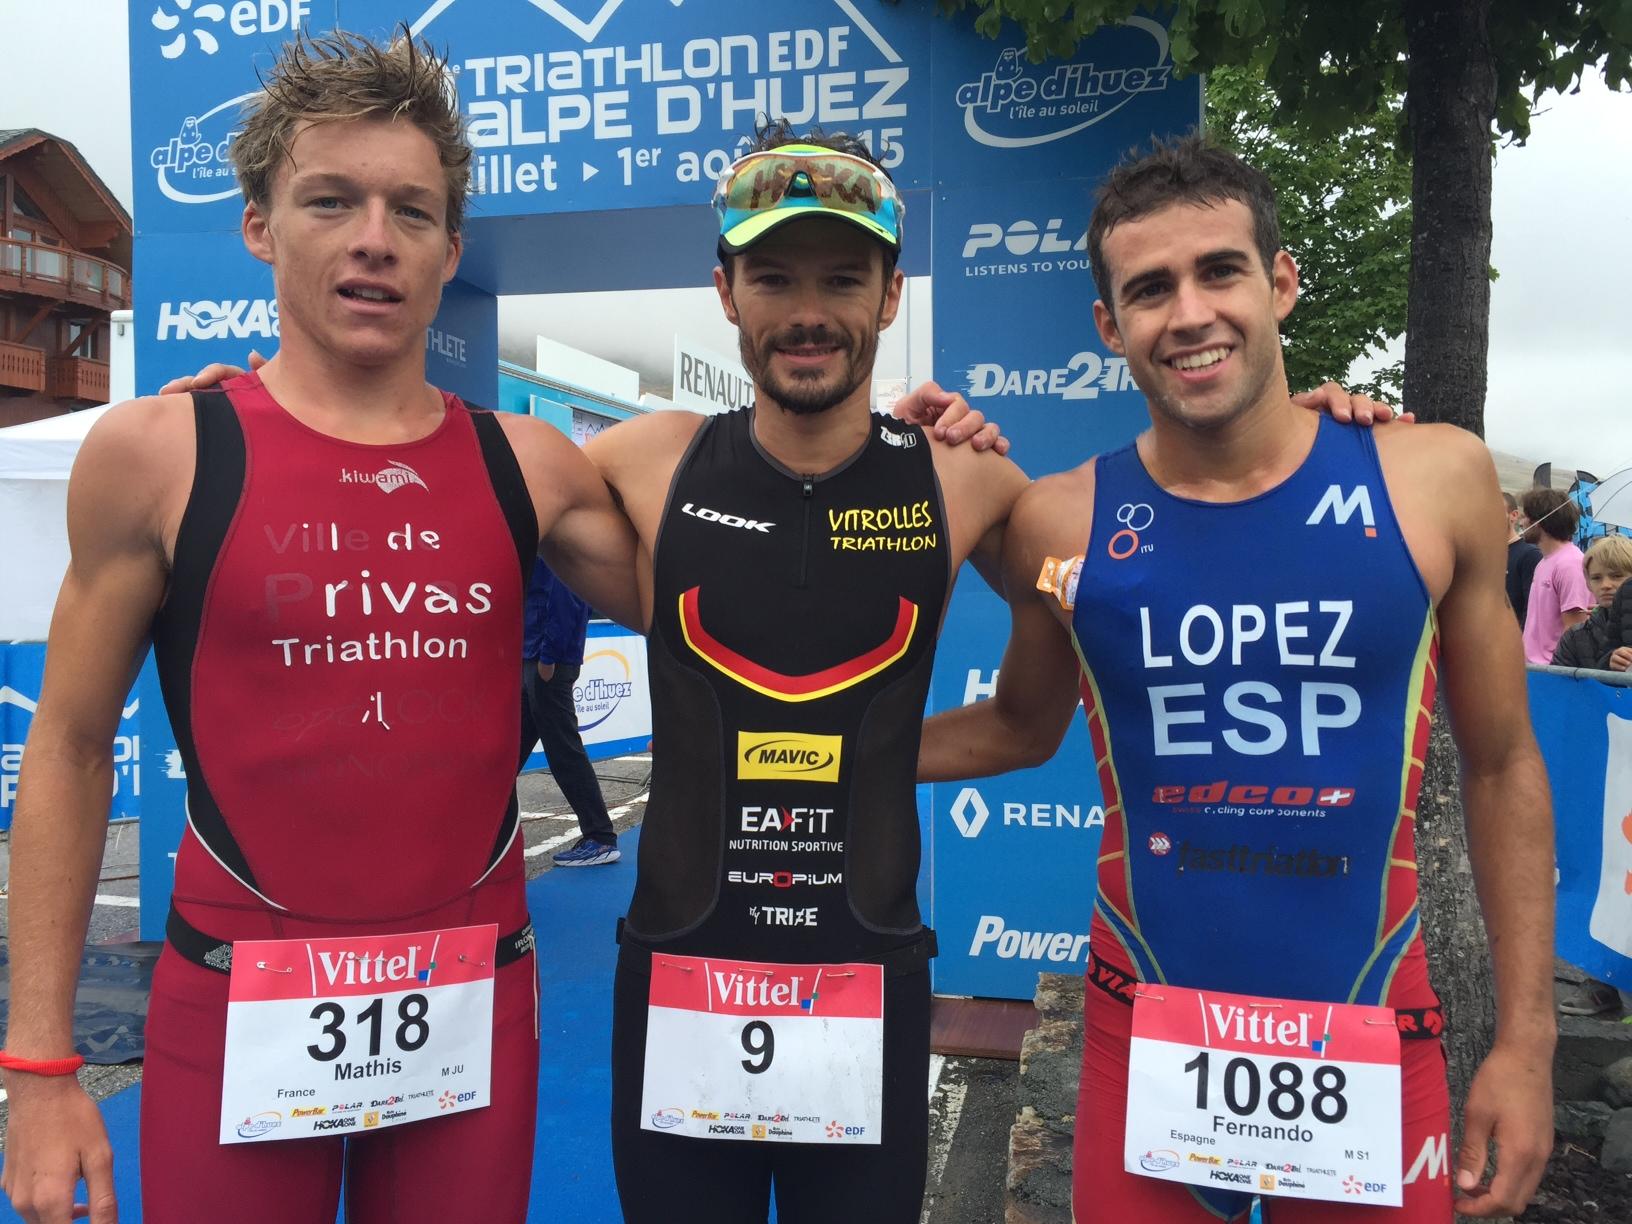 Frederic Belaubre remporte cette 10e édition du triathlon EDF de l'Alpe d'Huez